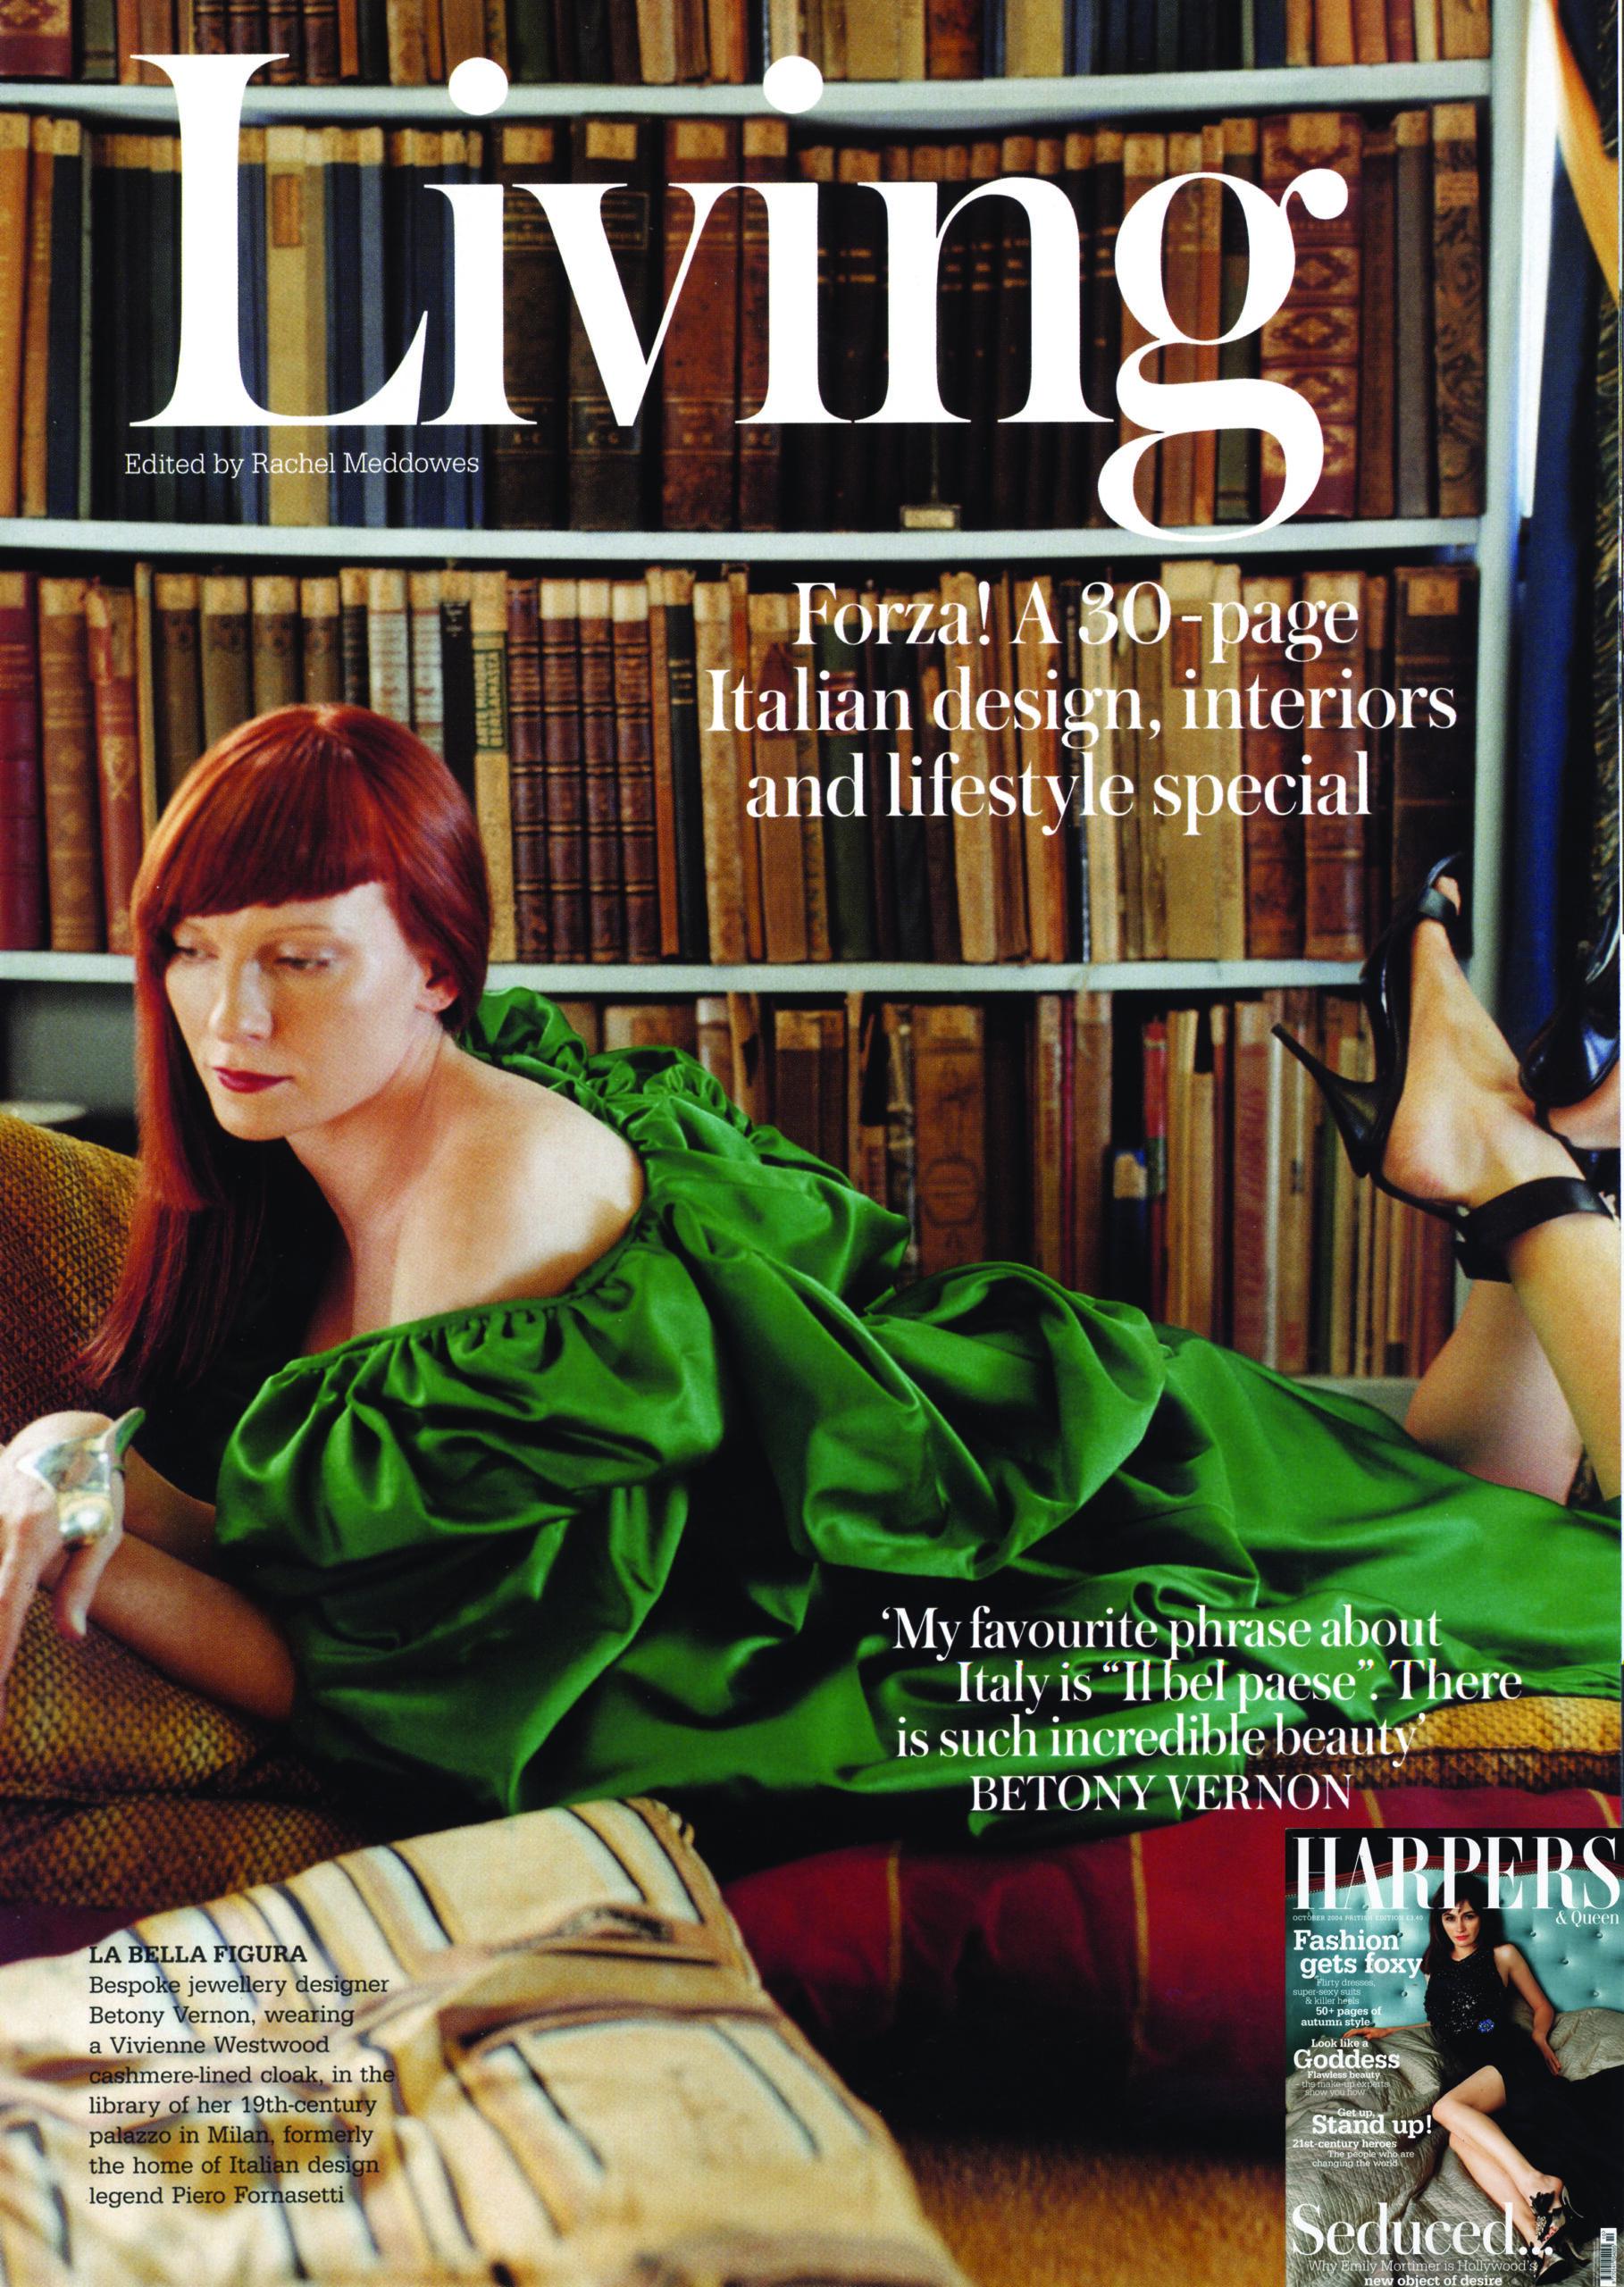 Harpers Bazaar / Living